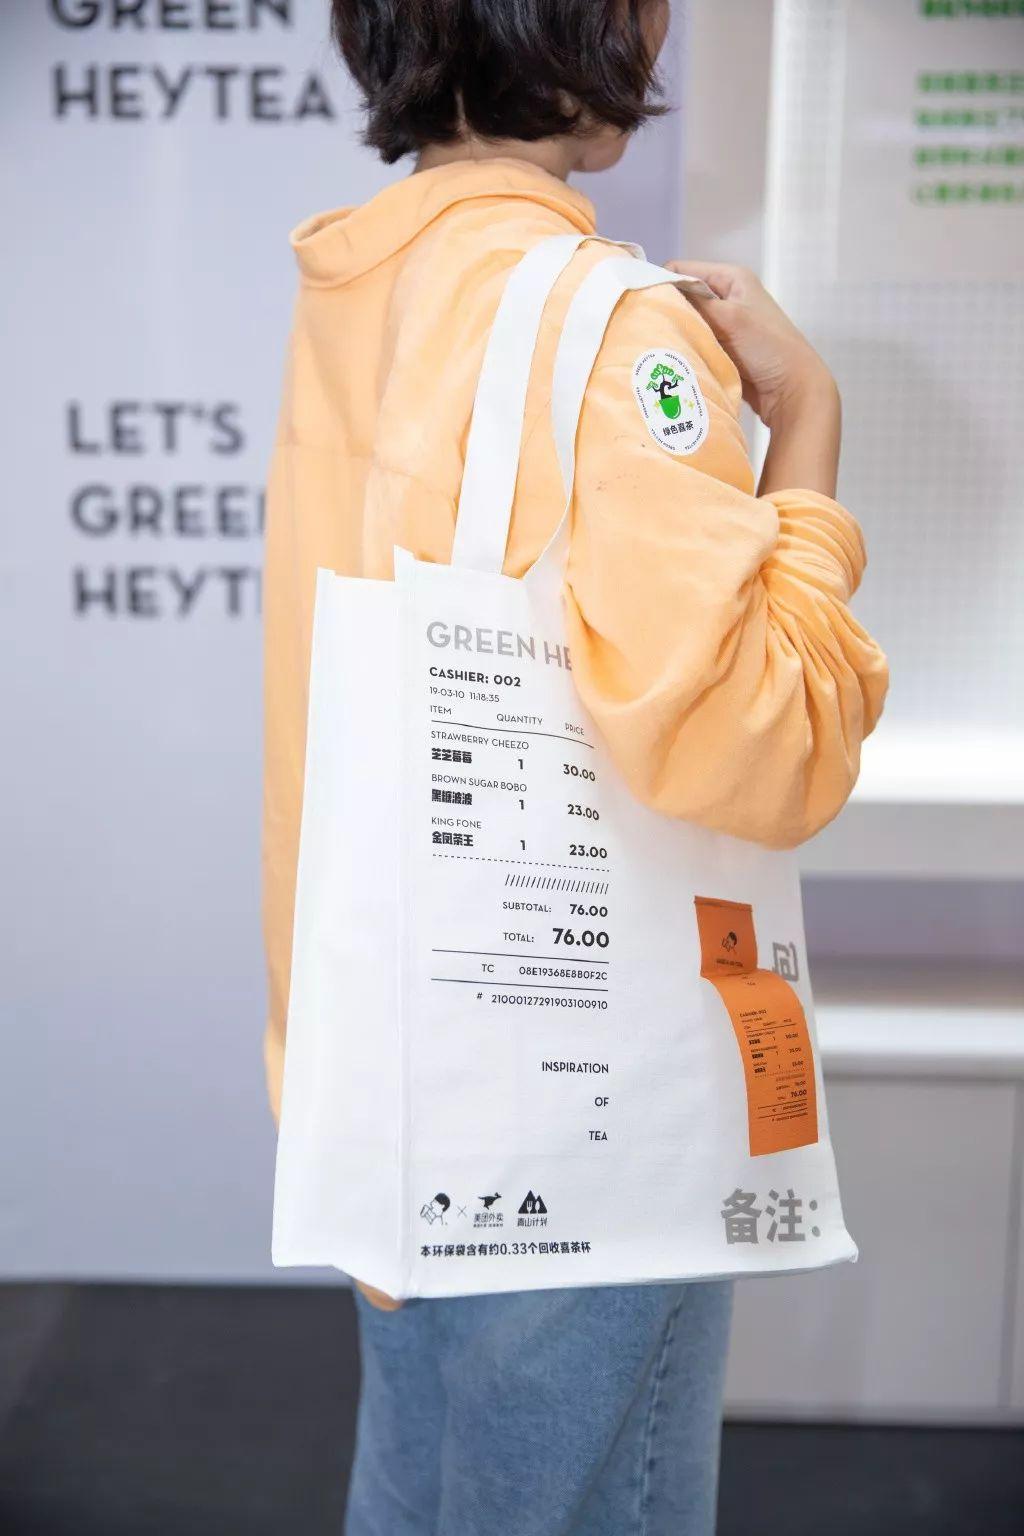 美团外卖联合喜茶卖起环保袋,开始贩卖生活方式了?